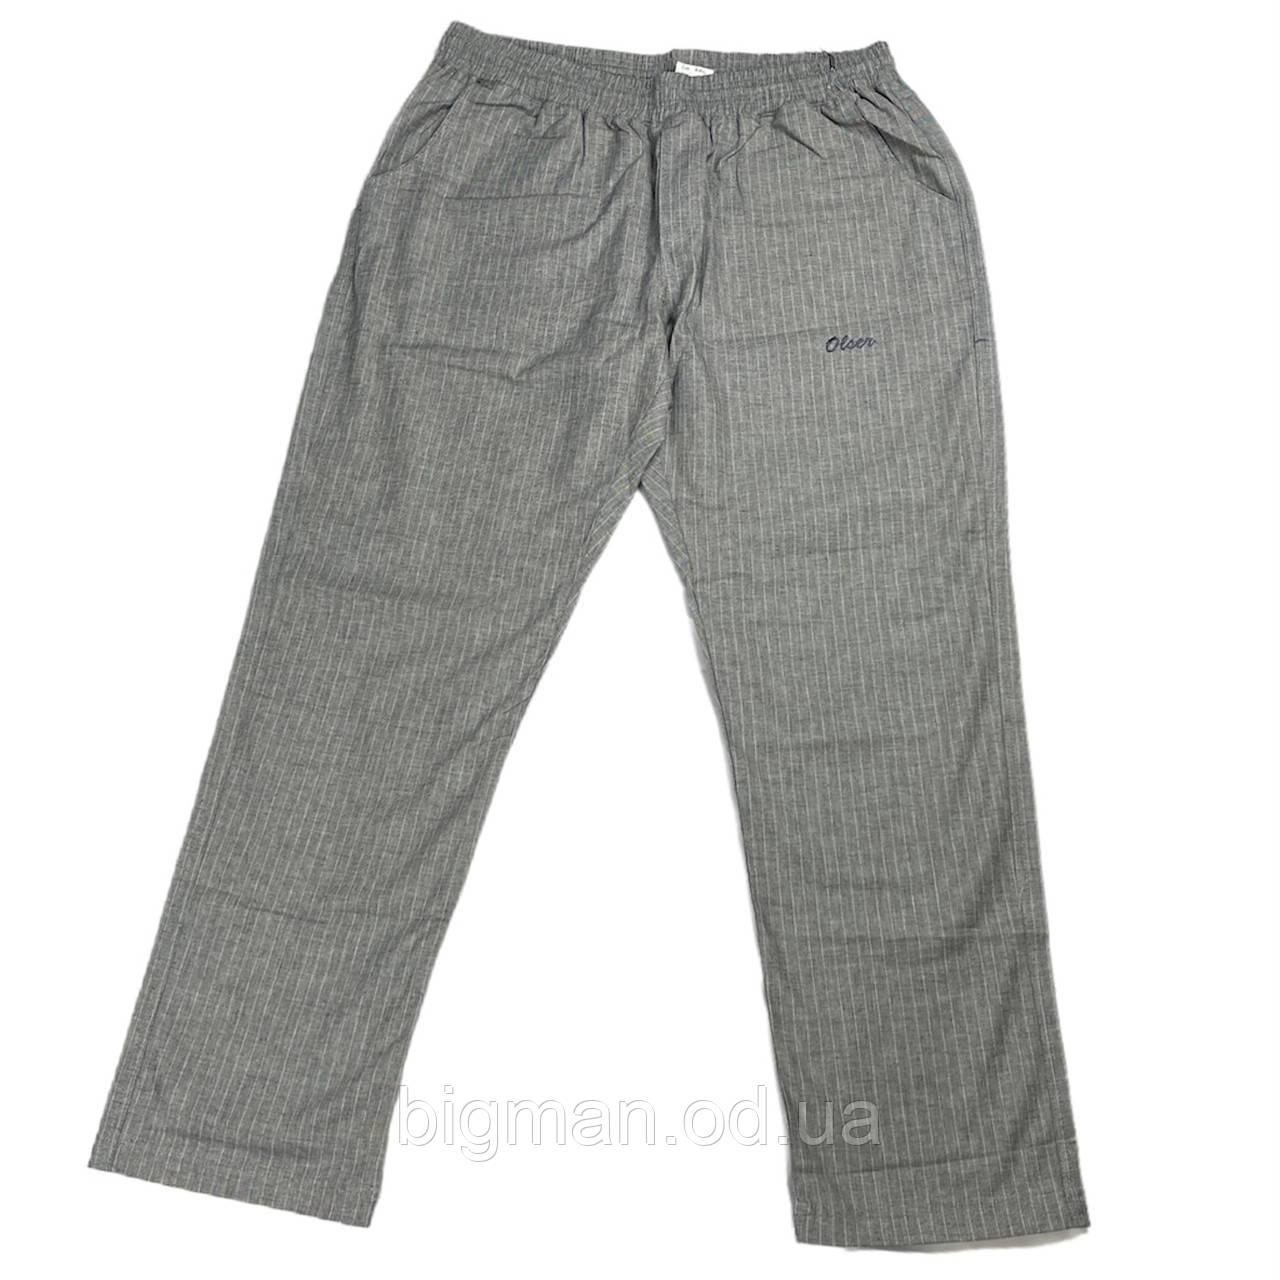 Чоловічі бавовняні штани Olser 18038 6XL 7XL 8XL 9XL 10XL 11XL 12XL 13XL сірі Туреччина батал великий розмір